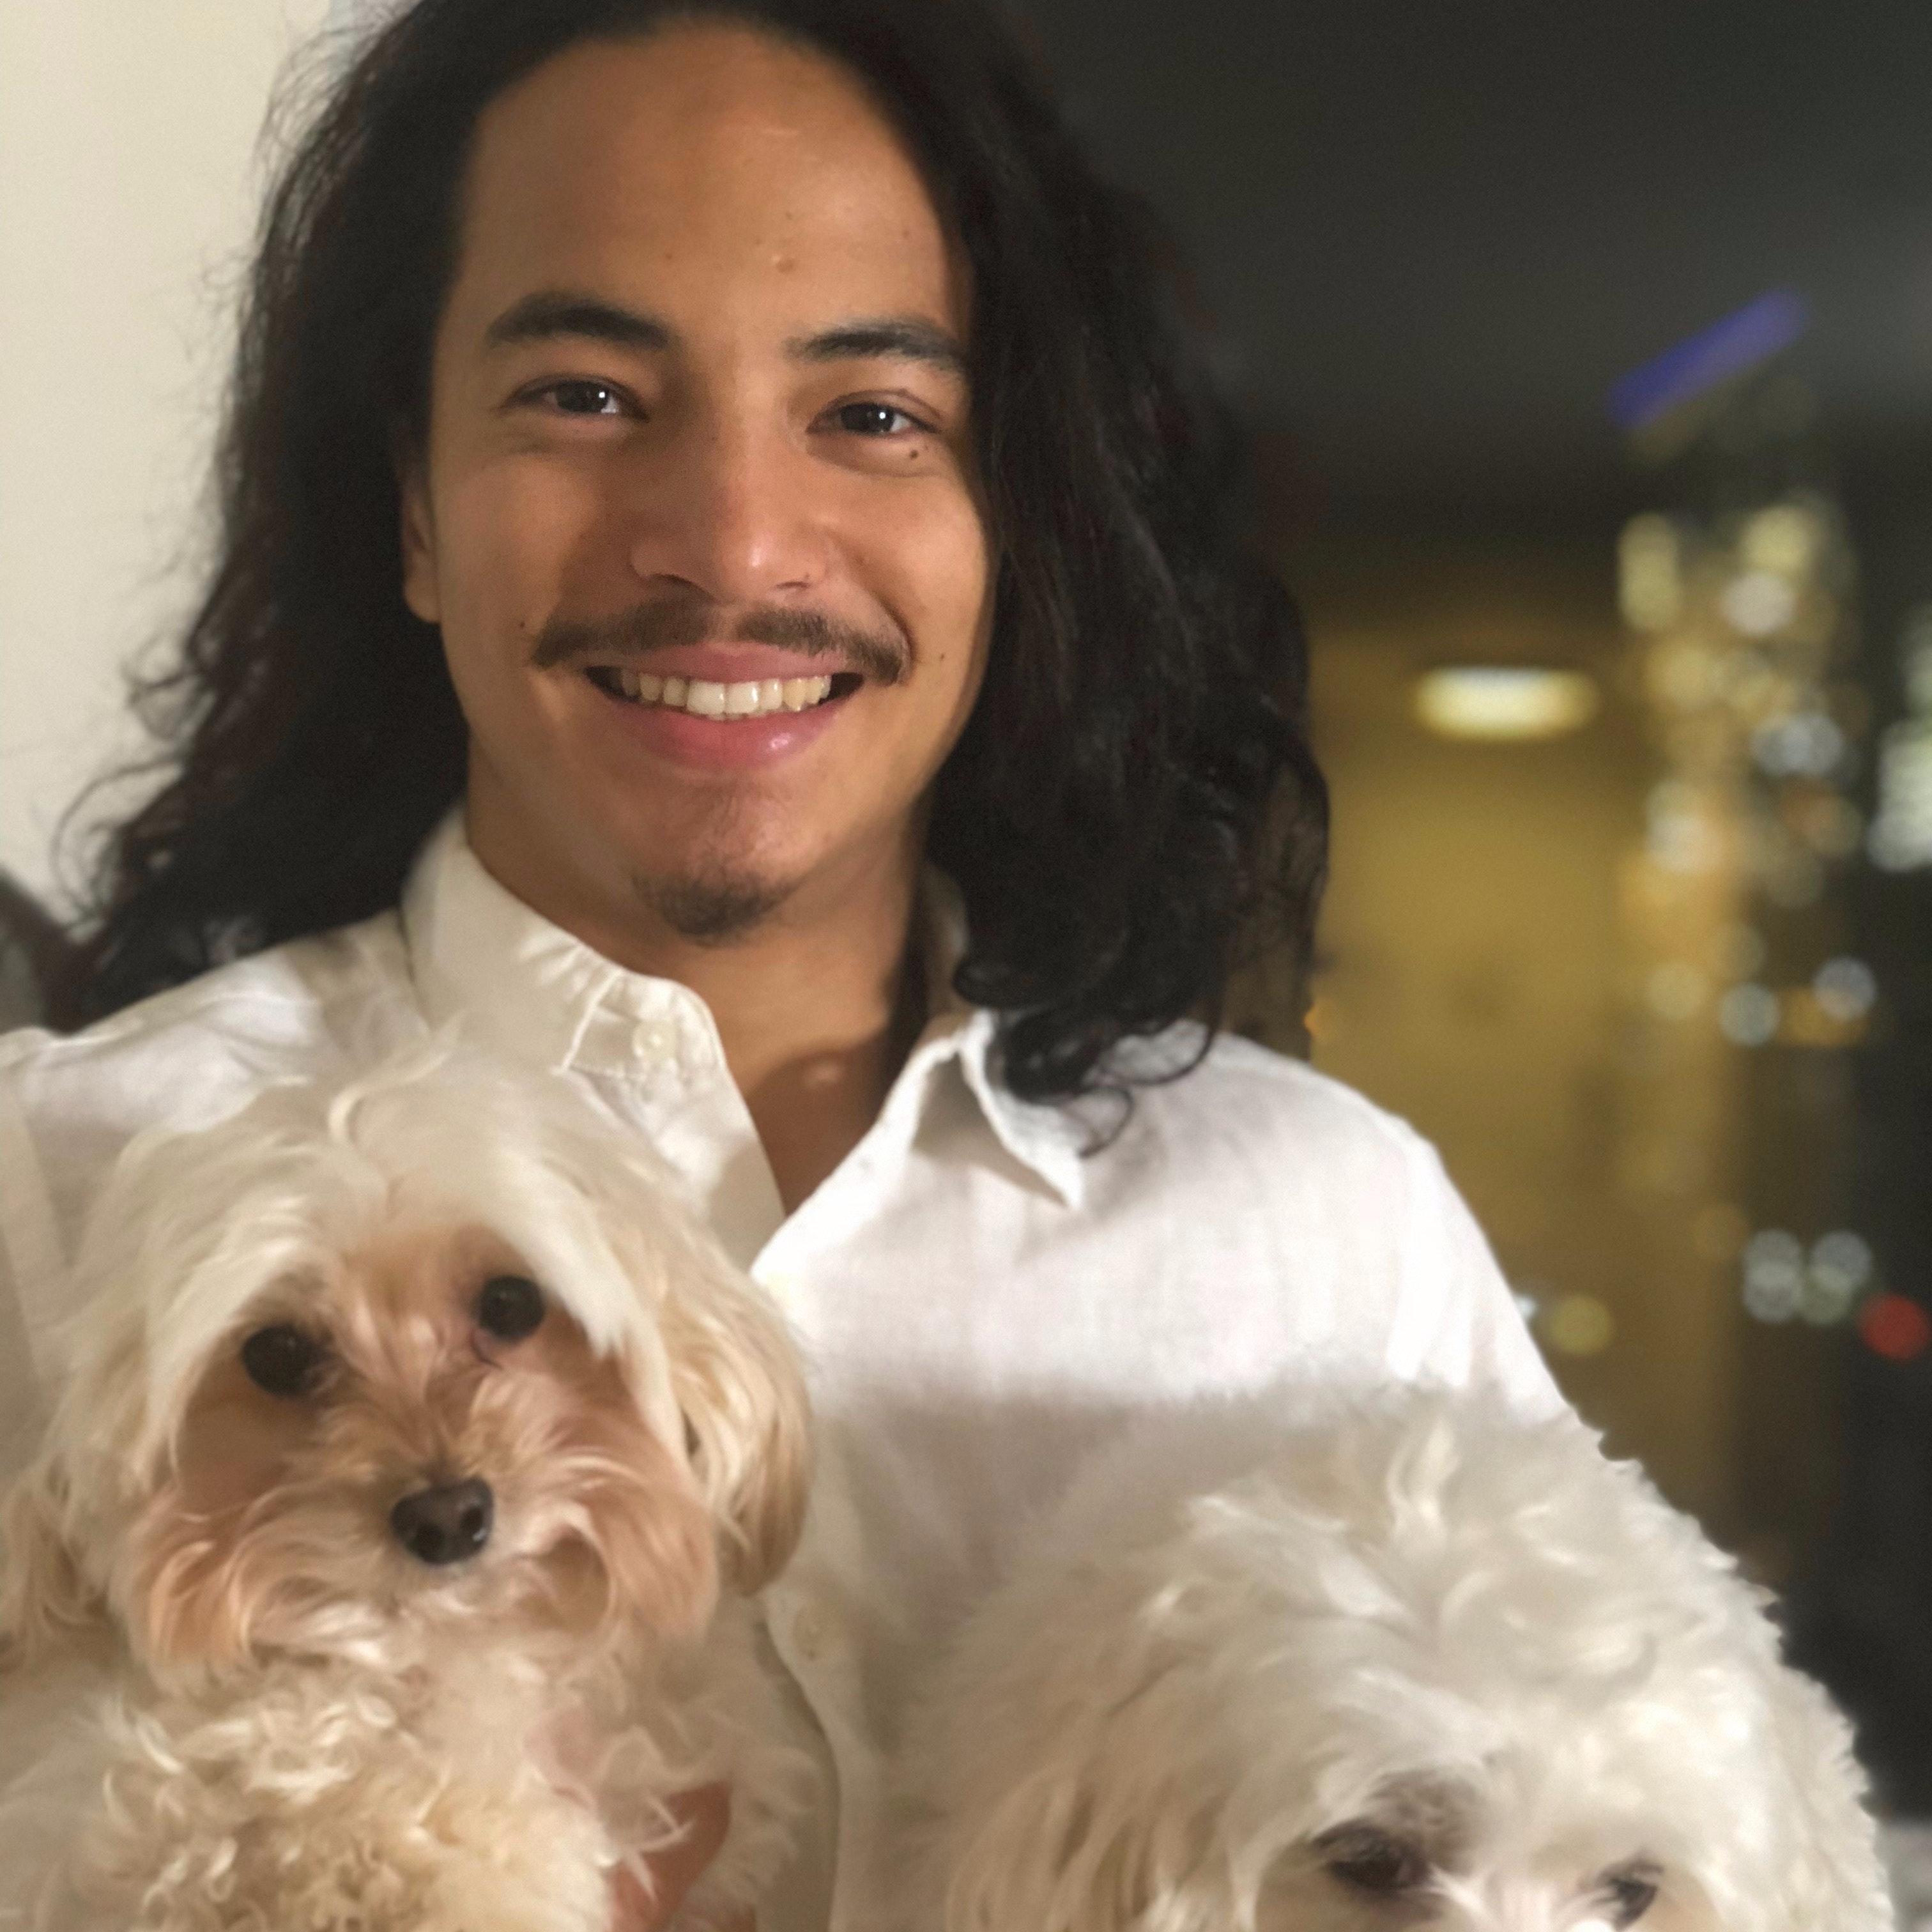 Jin Nathaniel's dog day care